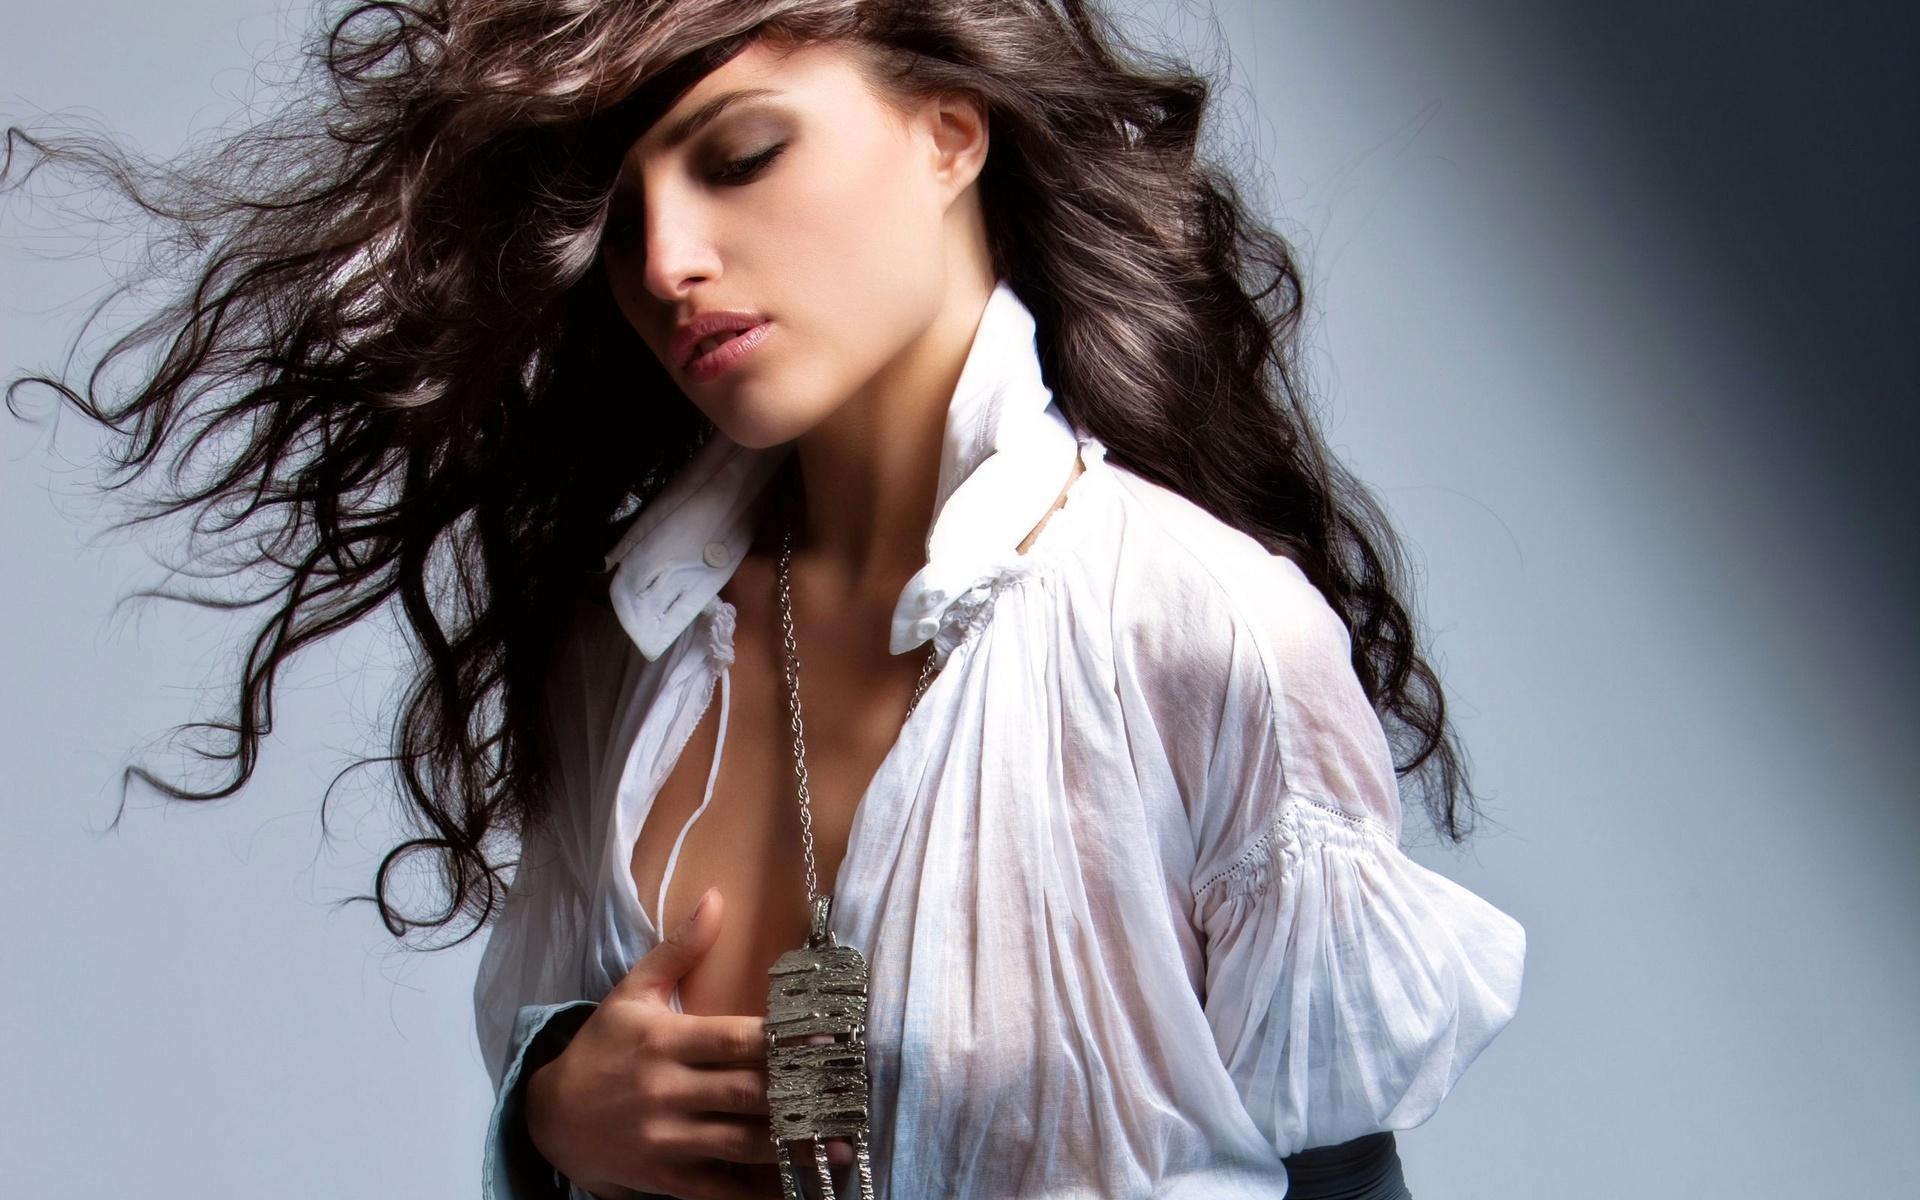 Девушка с темными, длинными, волнистыми, развивающимися волосмаи